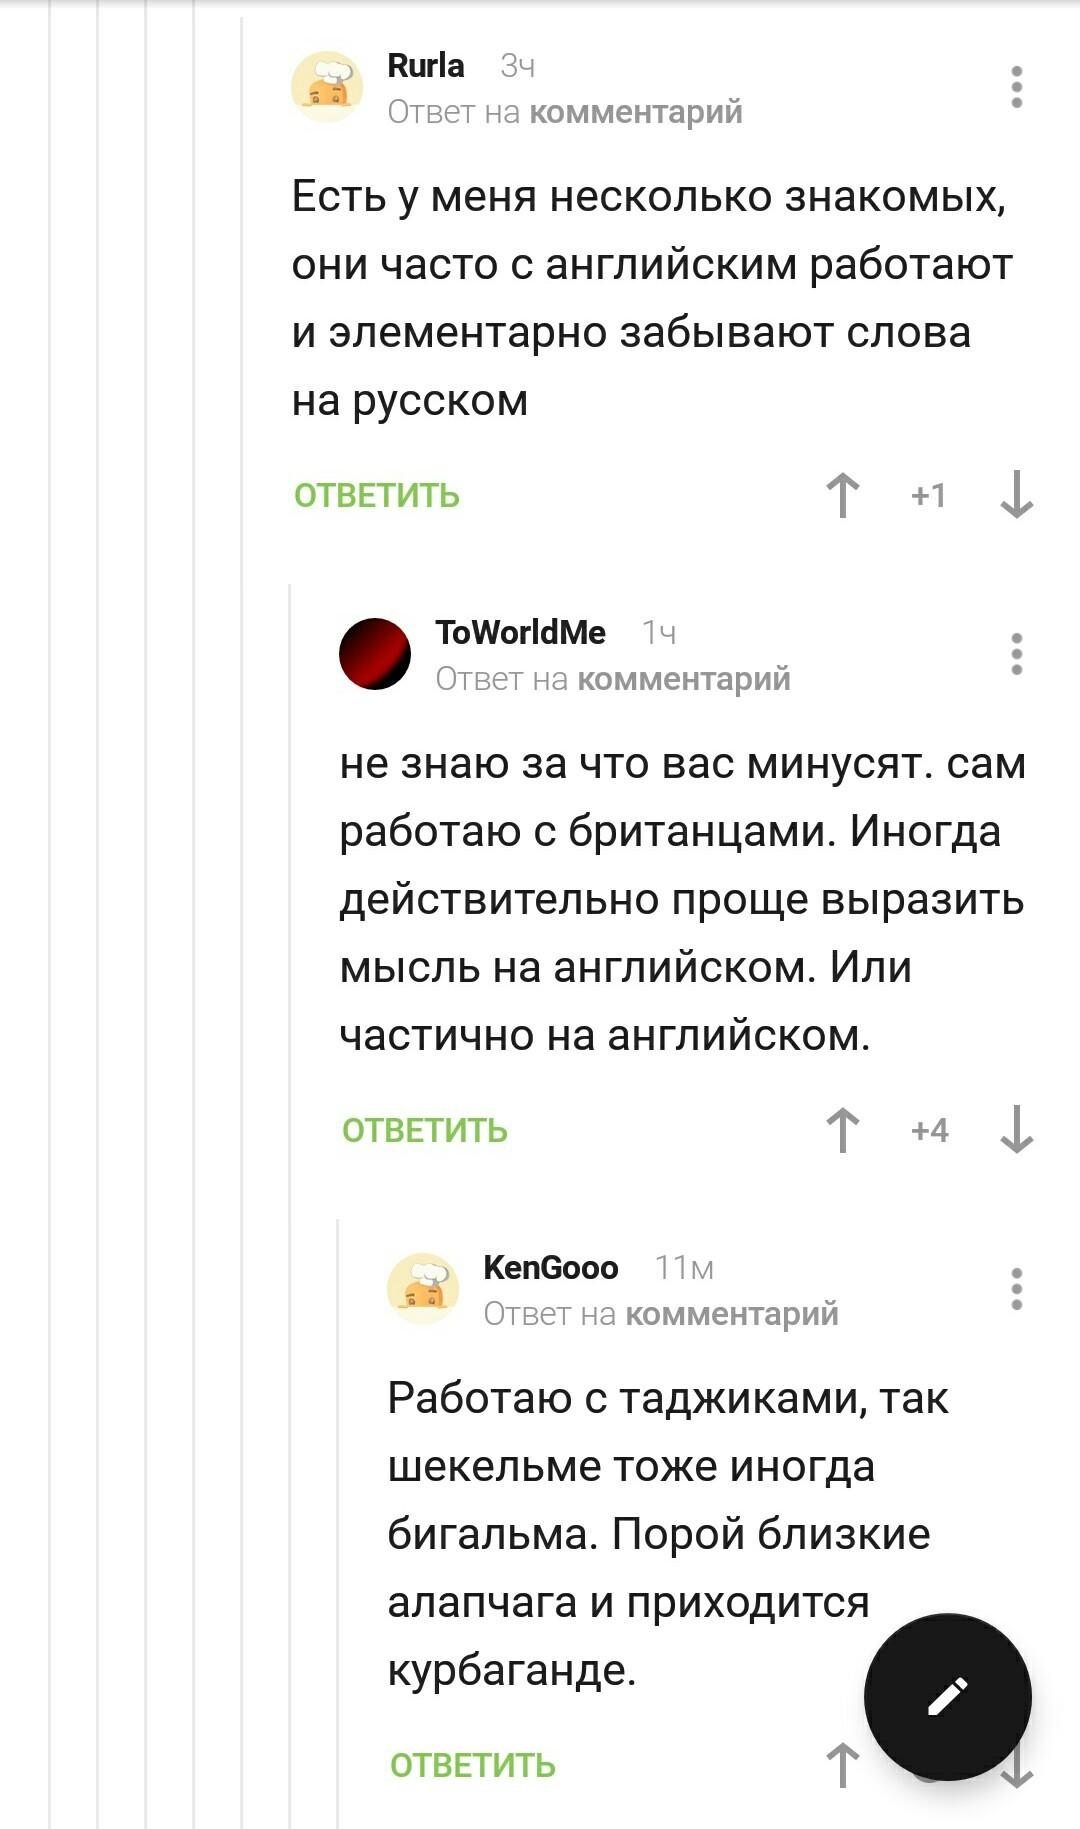 Найти слово хуй по таджидски